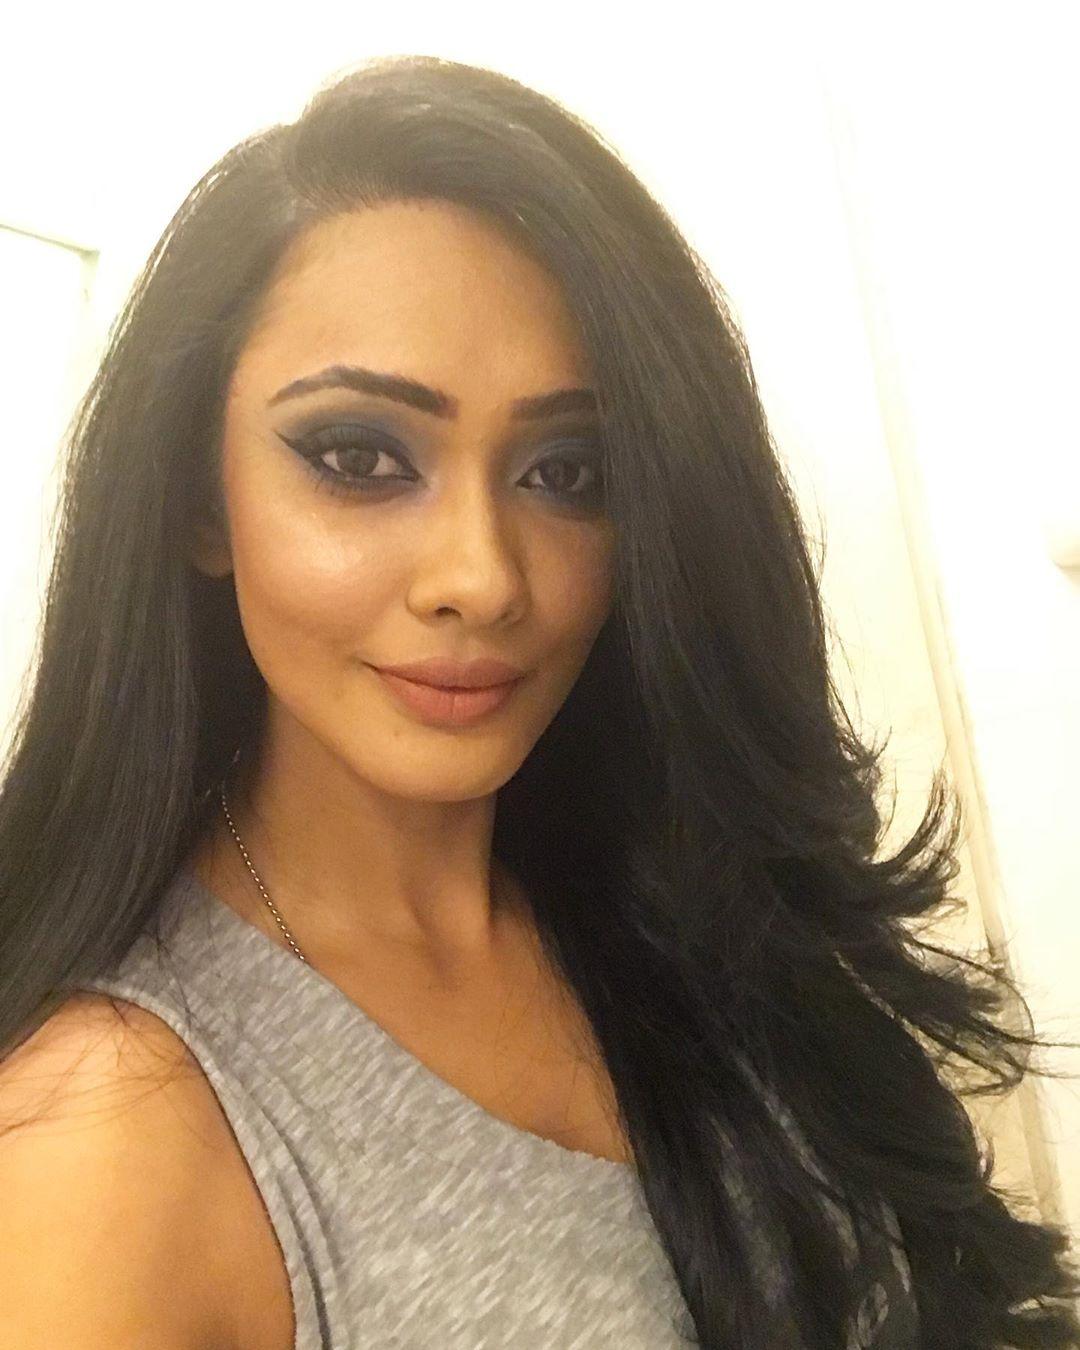 Yureni Noshika sri lankan actress